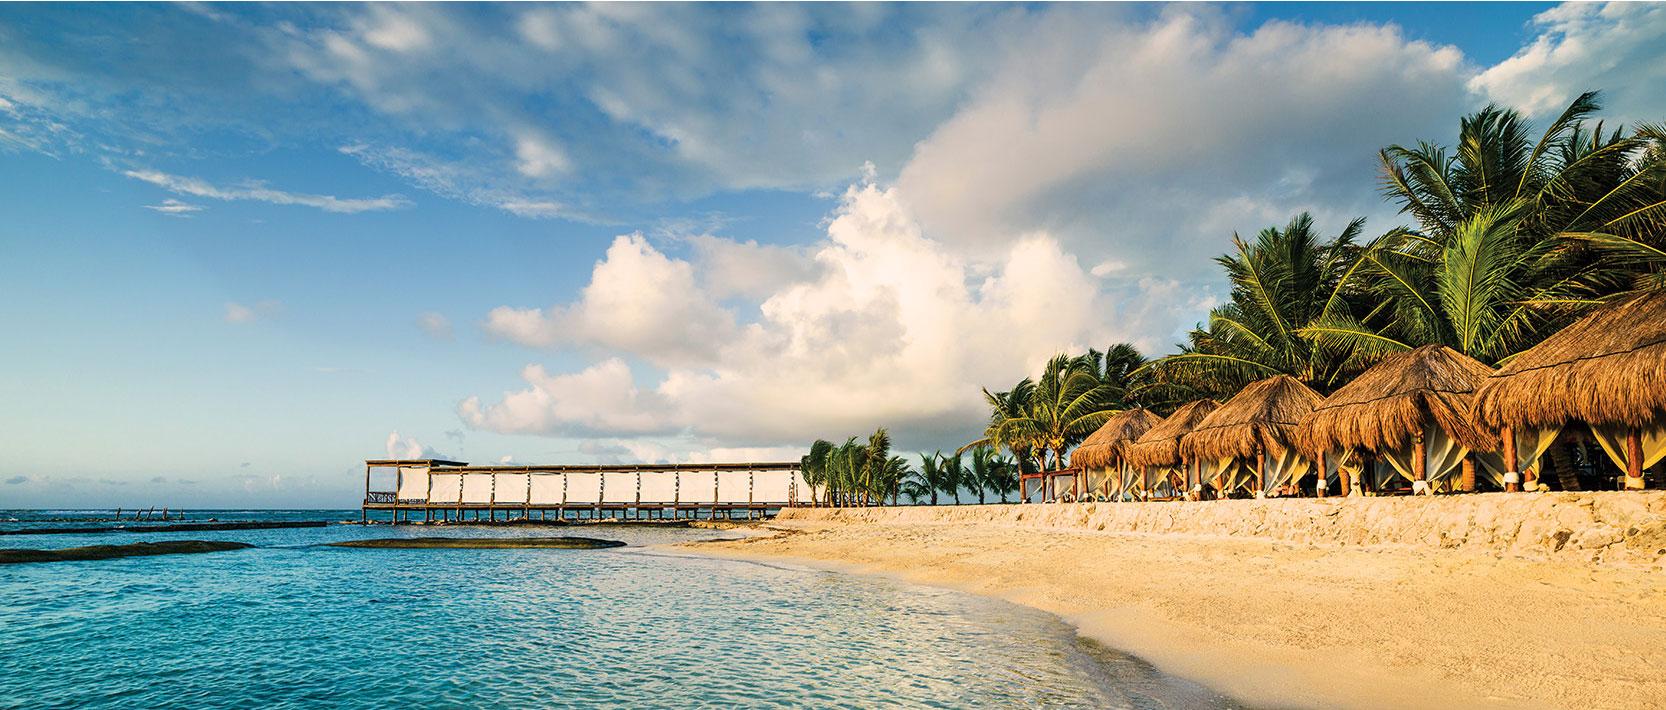 El Dorado Seaside